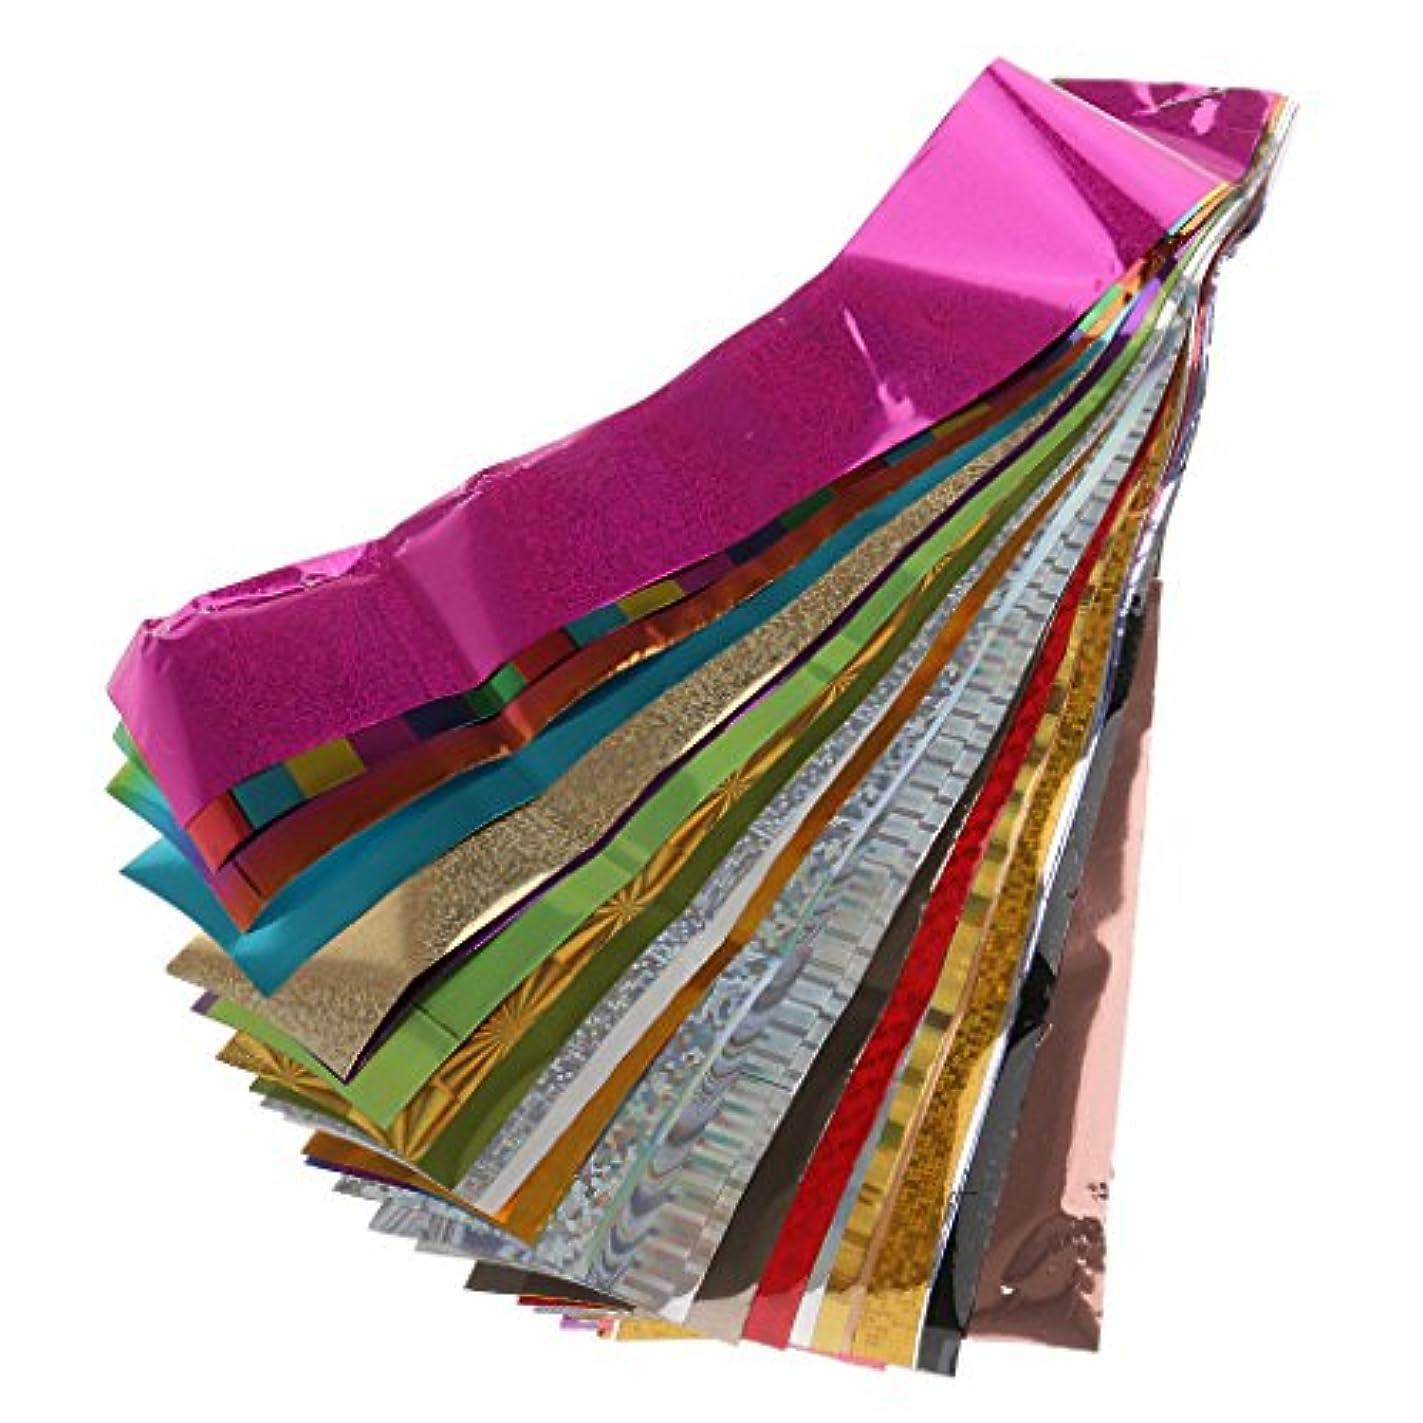 カリキュラム見ましたドームPerfk 50個/セット 爪 転送箔 キラキラ ネイルアート ステッカー デカール DIY 装飾 魅力的 人気